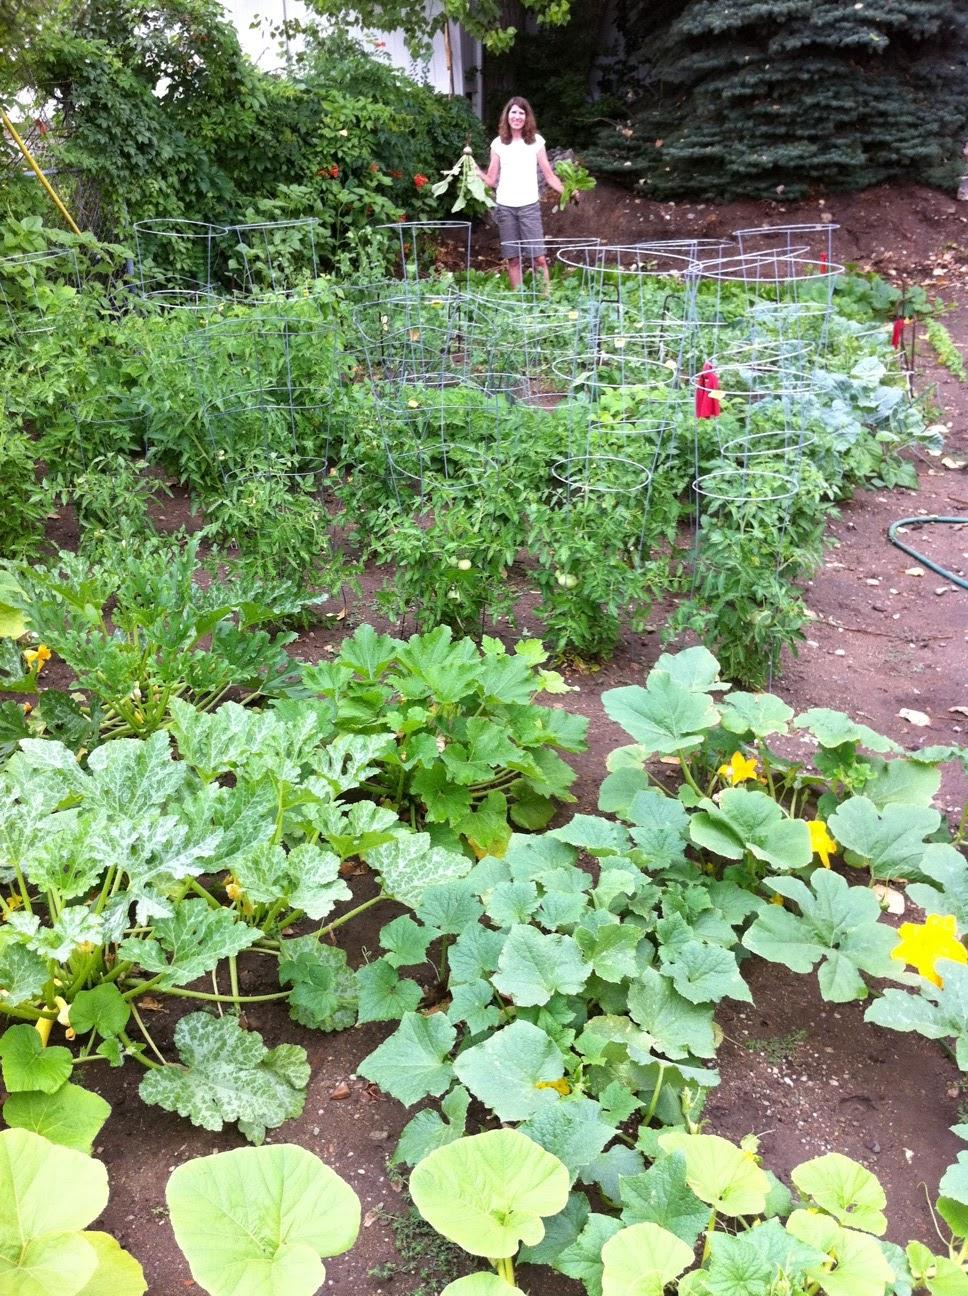 Backyard Farming: Your Backyard Farm